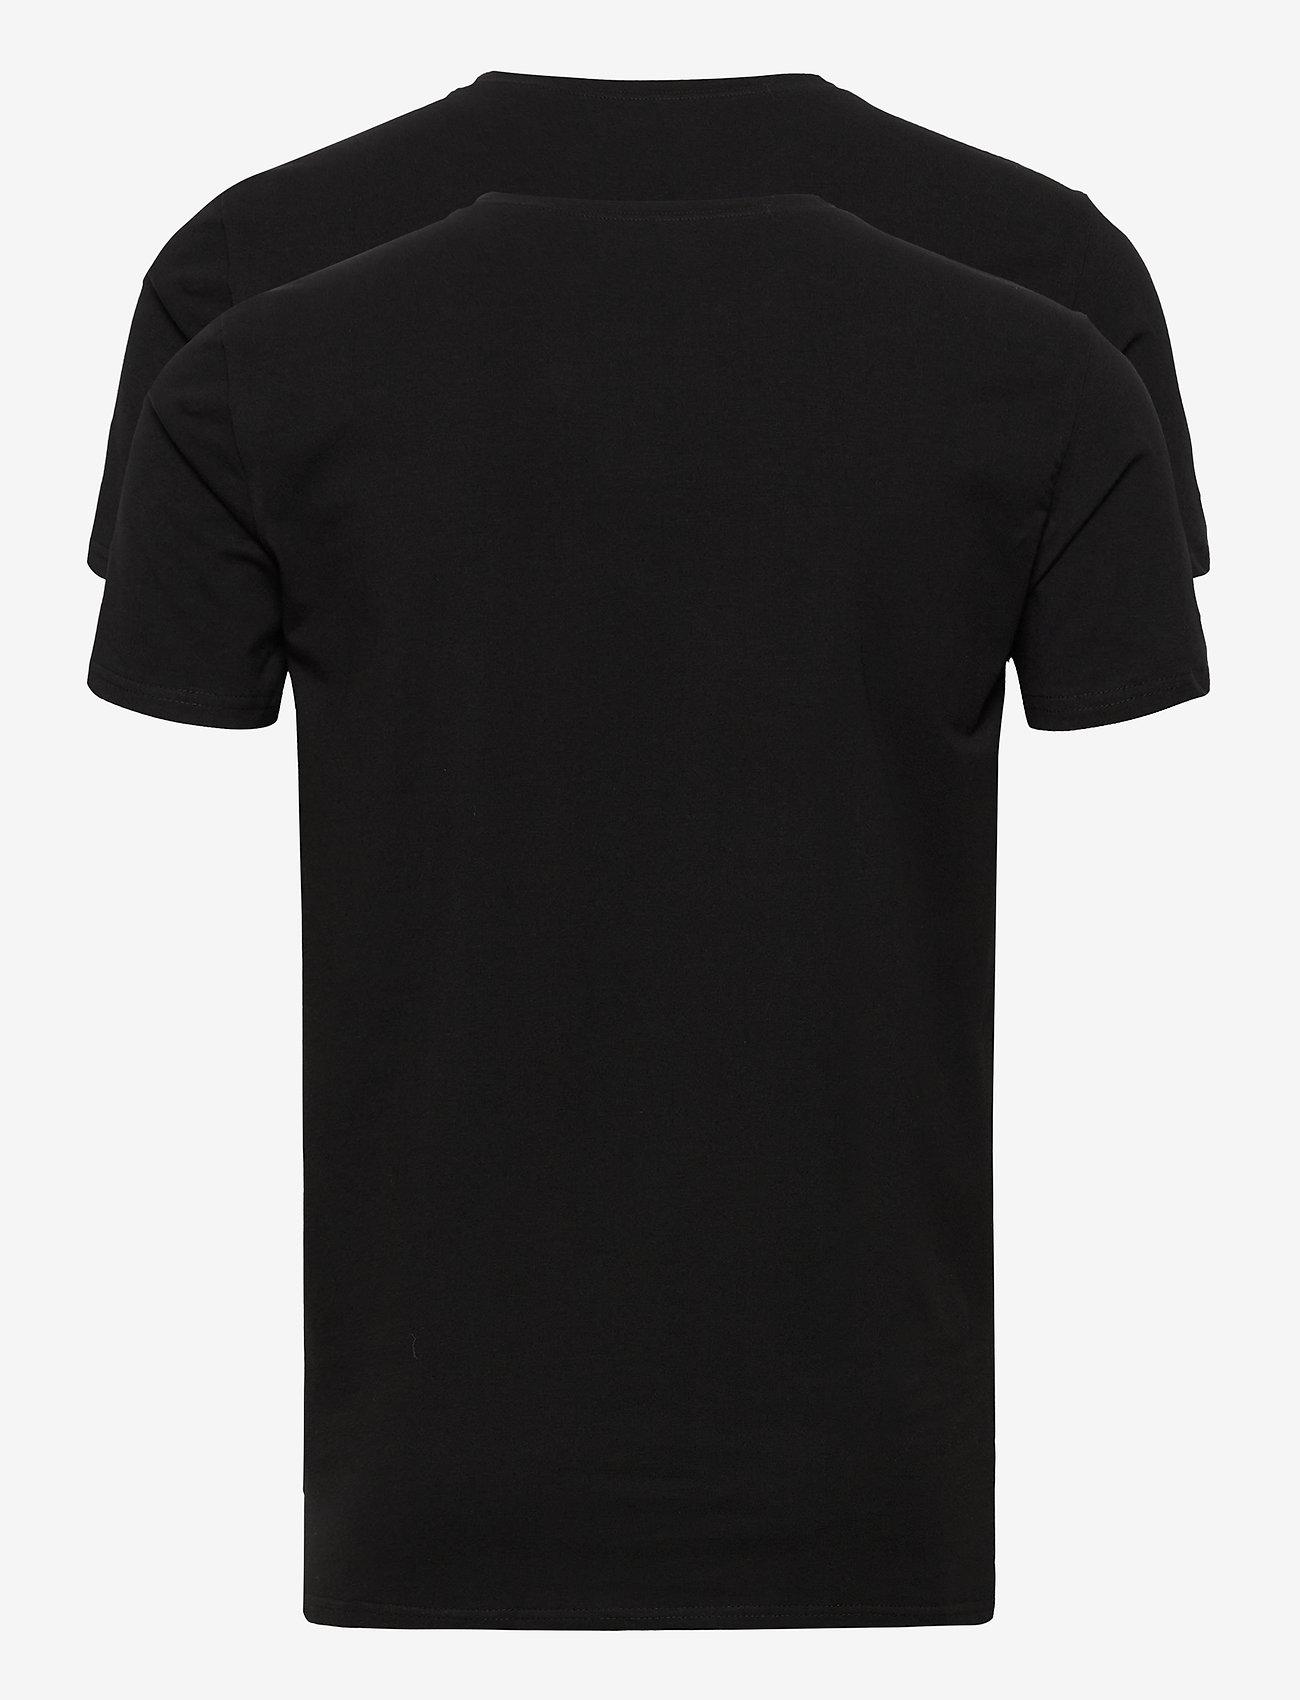 Les Deux - Les Deux Basic T-Shirt - 2-Pack - basic t-shirts - black - 1